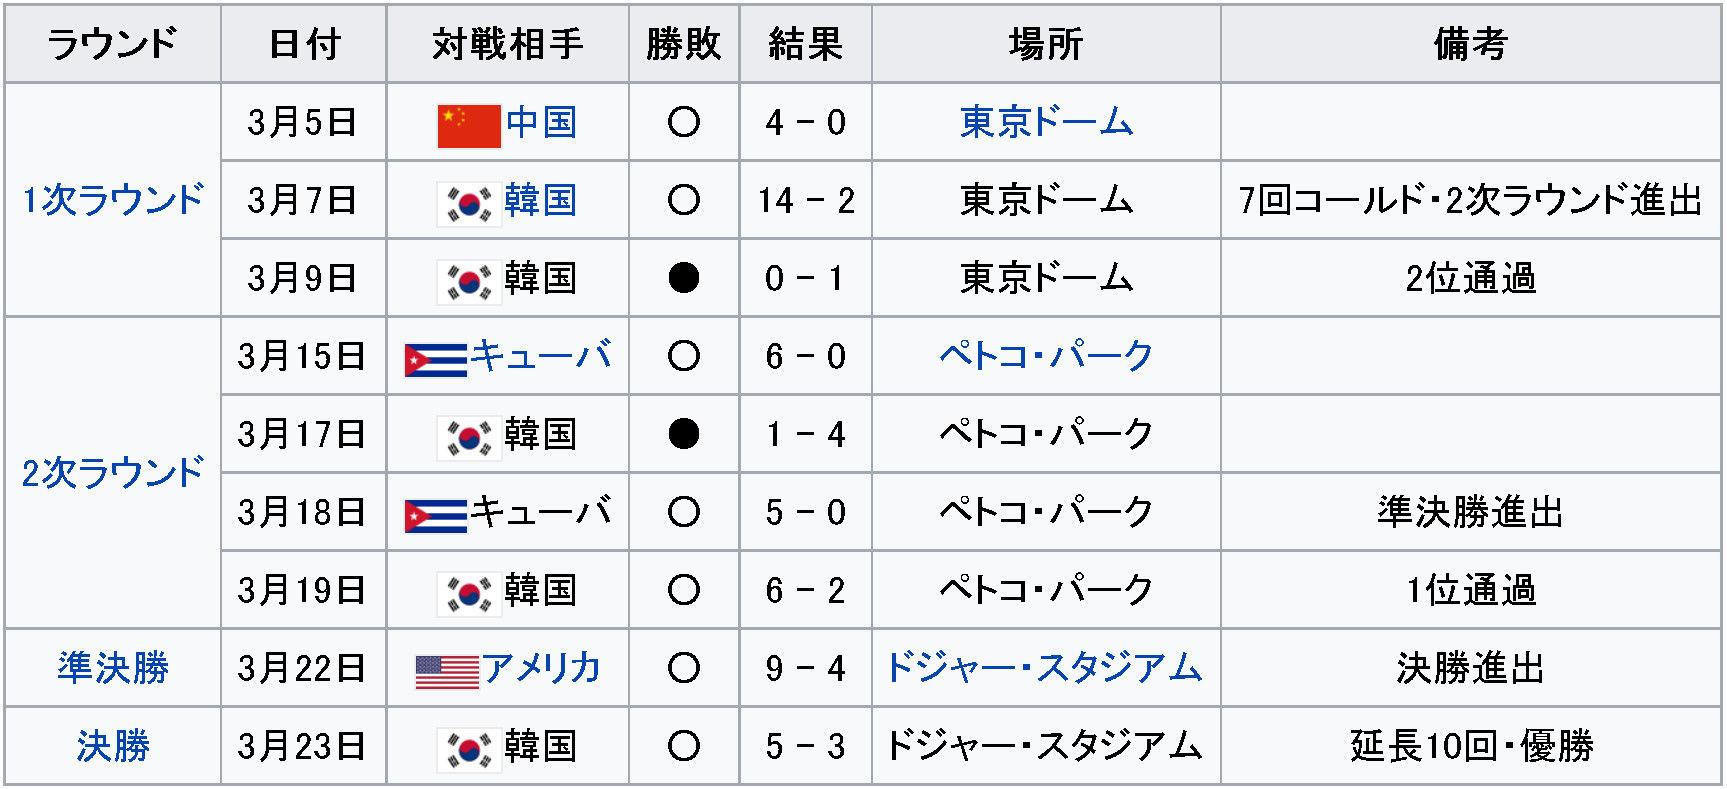 http://livedoor.blogimg.jp/gensen_2ch/imgs/7/6/76aba972.jpg